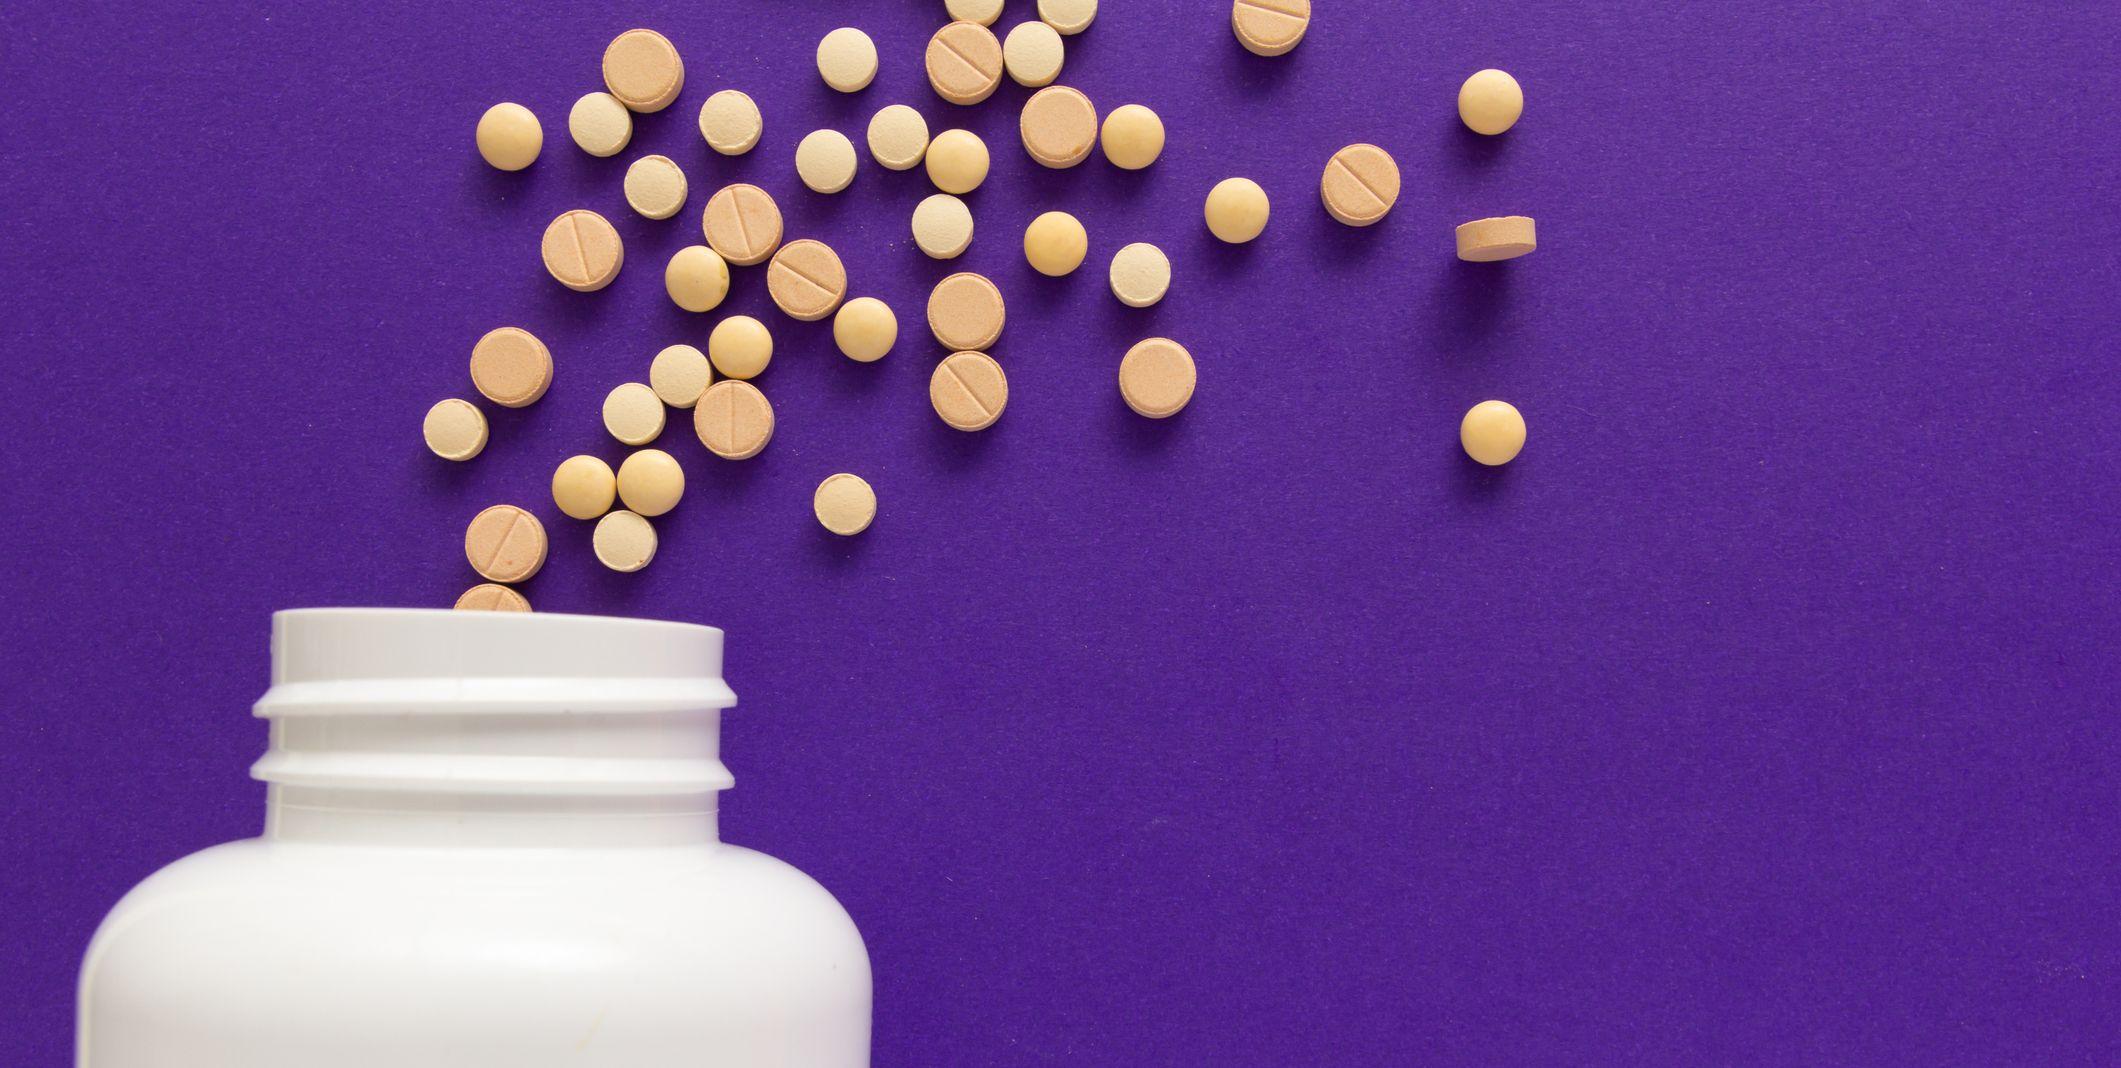 Close-Up Of Medicine Bottle Over Violet Background